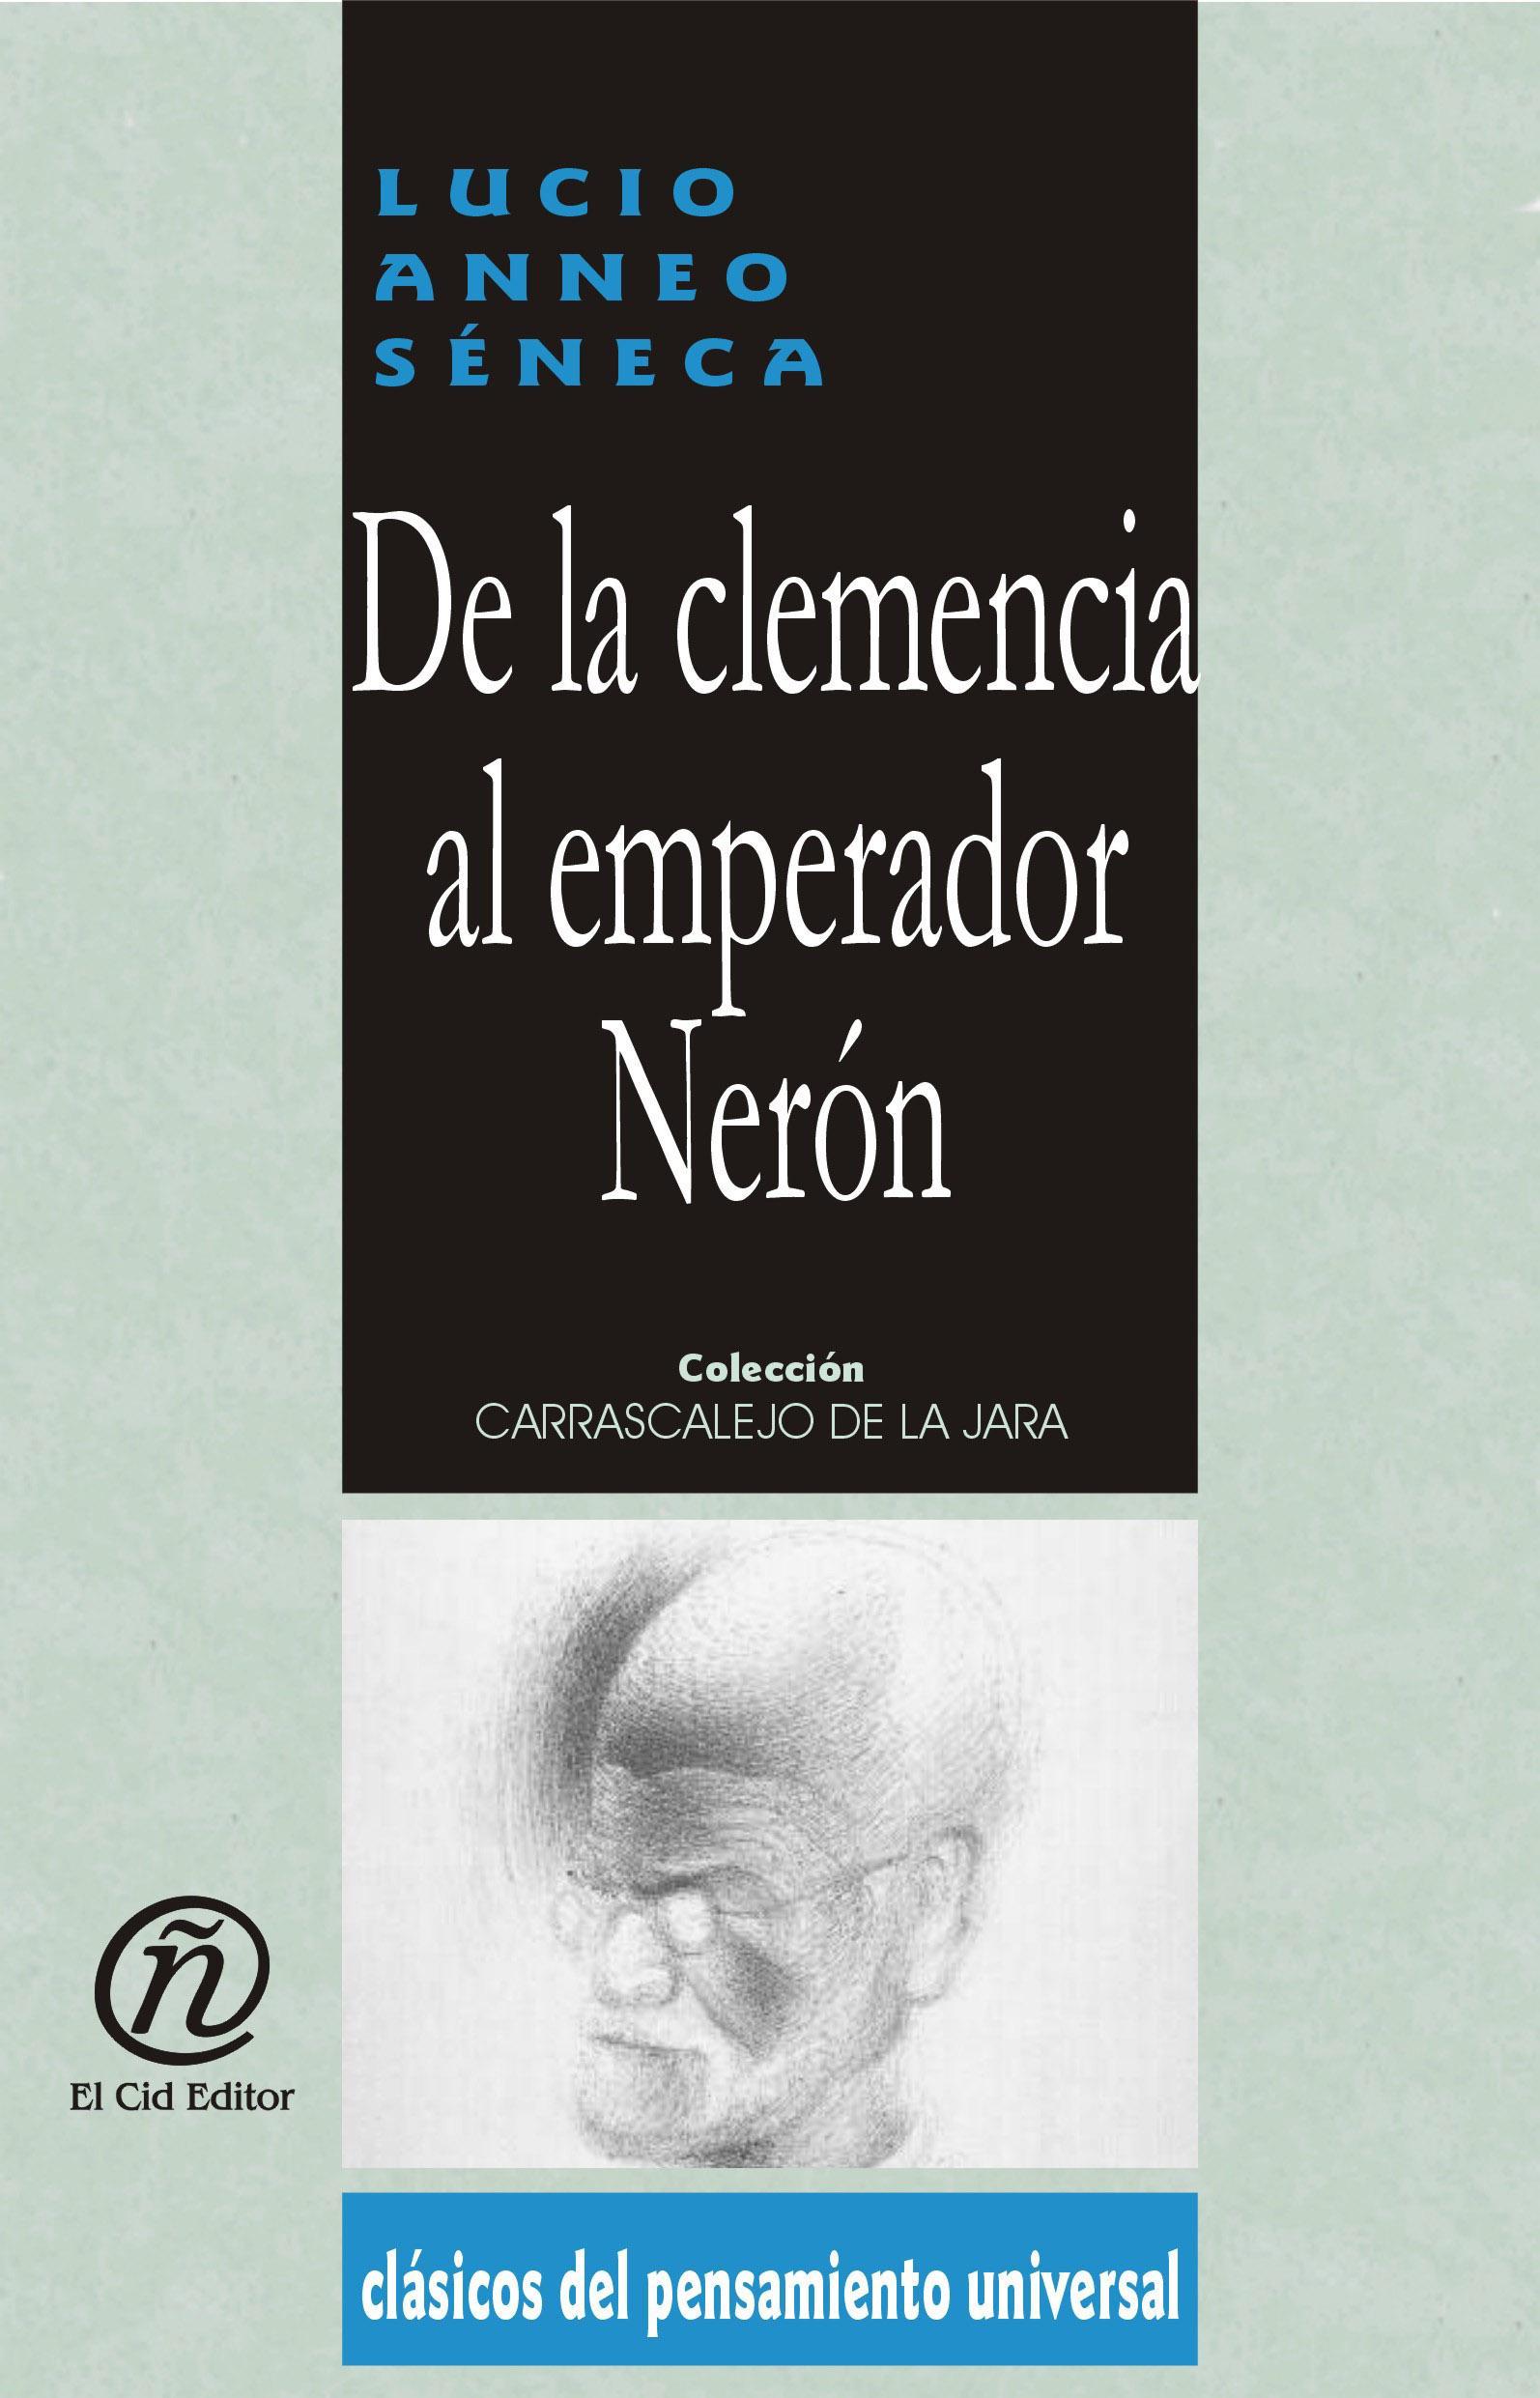 De la clemencia al emperador Ner?n: Colecci?n de Cl?sicos del Pensamiento Universal